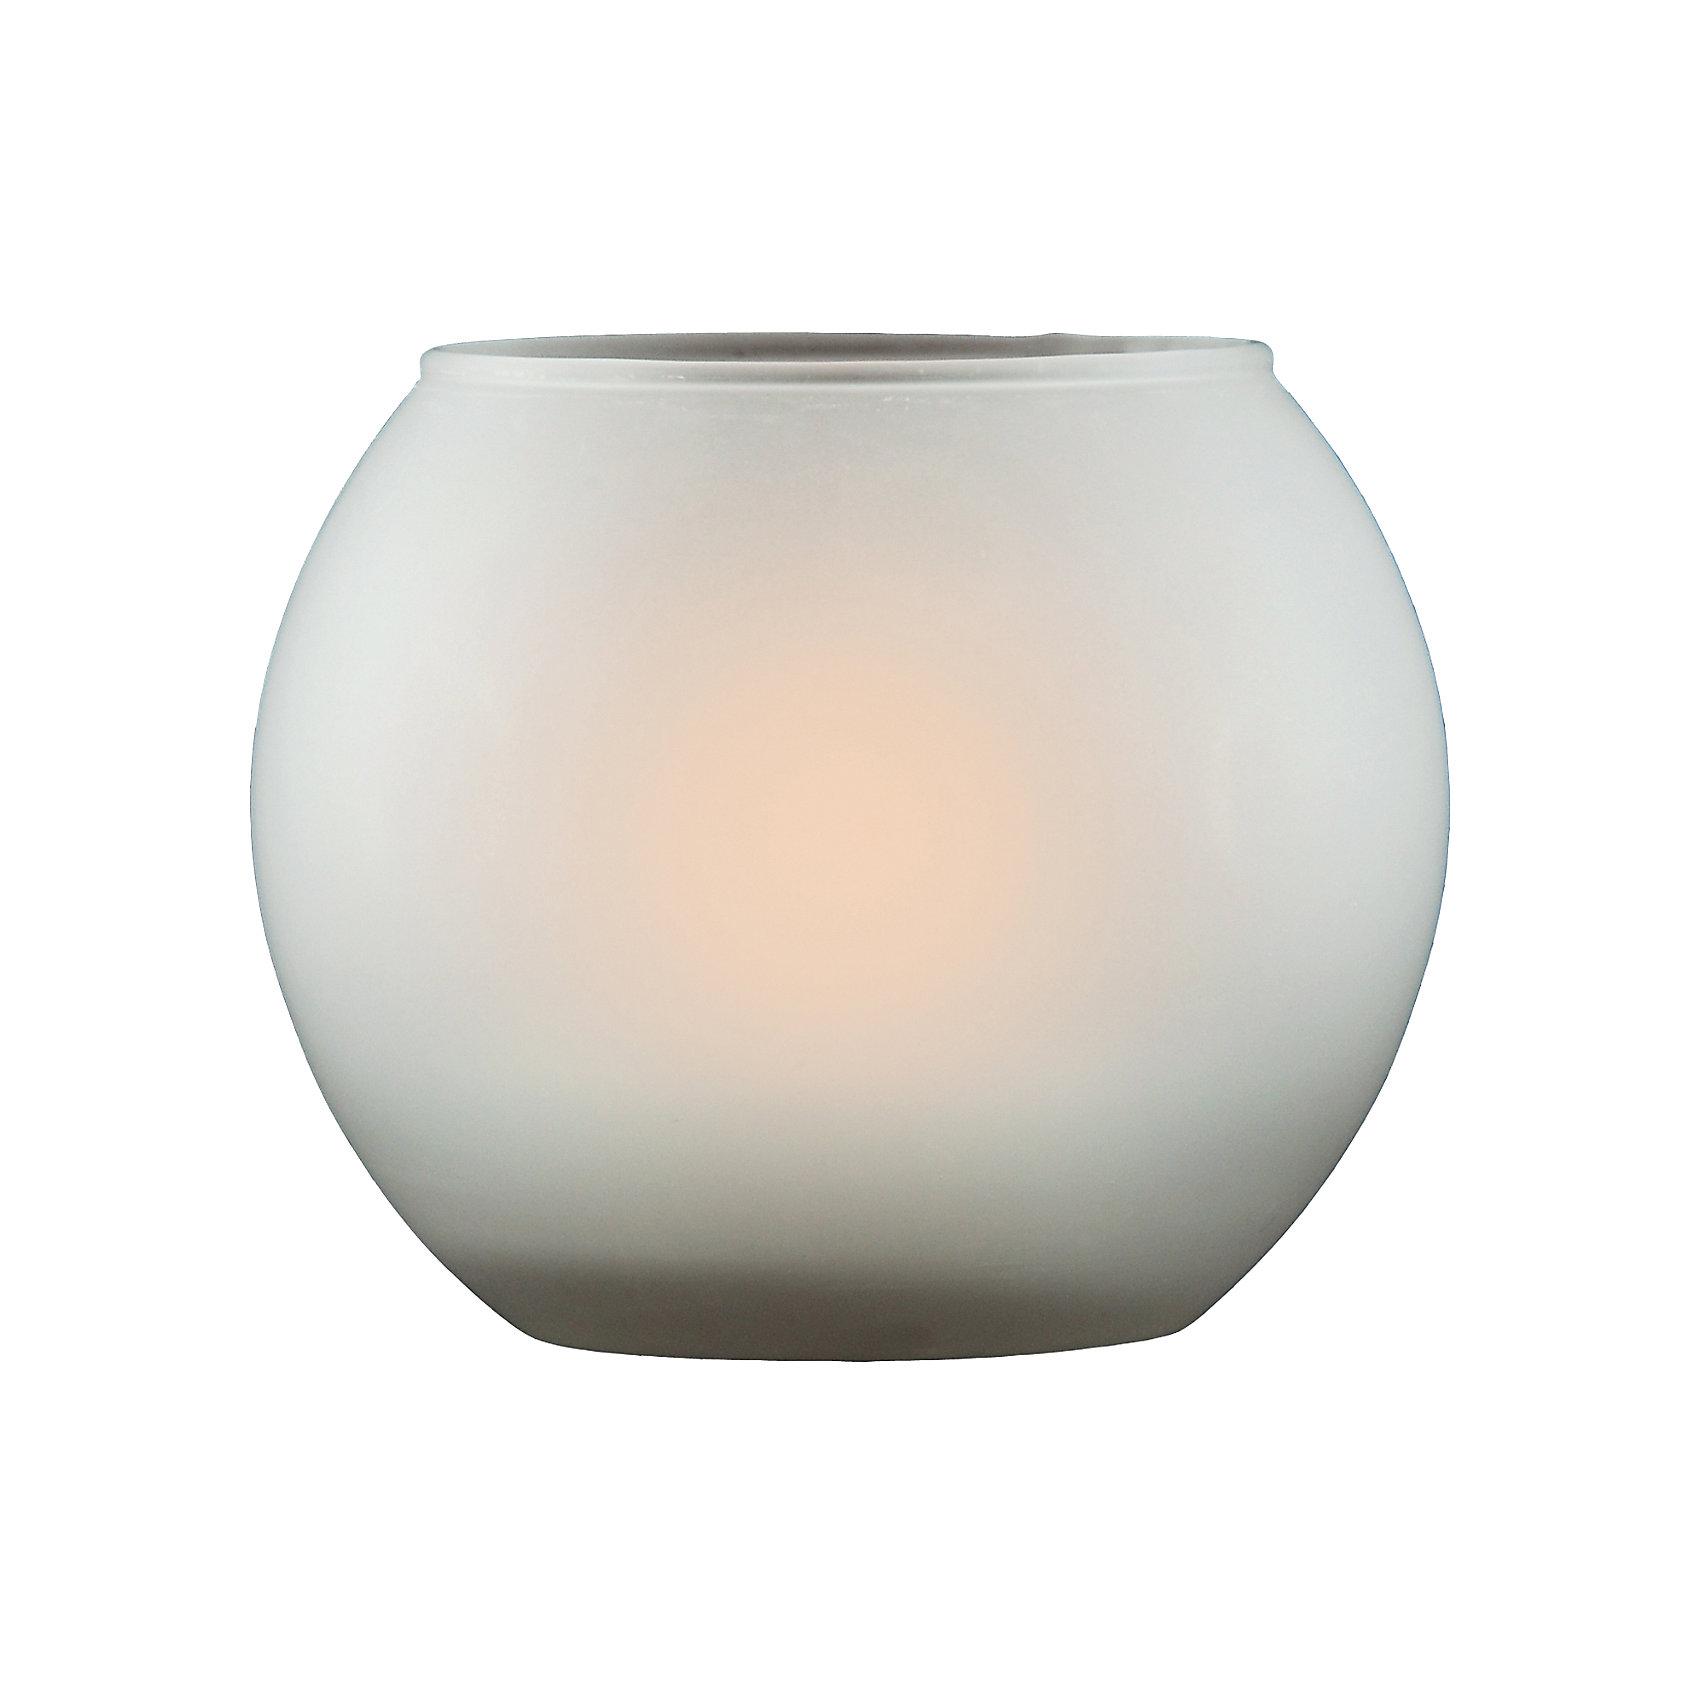 Красный ночник, 40 ВтКрасный ночник, 40 Вт – это оригинальный светодиодный светильник, создающий иллюзию свечения настоящей свечи.<br>Светильник-ночник имитирует настоящую свечу, два светодиода мерцают как пламя, плафон изготовлен из матового стекла. Чтобы зажечь свечу, необходимо перевести выключатель на основании свечи из положения OFF в положение ON и встряхнуть ее, а чтобы выключить, можно просто ее задуть (отверстие в основании - датчик выключателя). Свеча фиксируется с помощью магнита, установленного внутри плафона. Наслаждайтесь завораживающим мерцанием «свечи», не опасаясь открытого пламени и риска обжечься расплавленным воском.<br><br>Дополнительная информация:<br><br>- Длительный срок службы батарейки: до 100 часов непрерывной работы<br>- Не нагревается<br>- Батарейки: 2 типа АAA (входят в комплект)<br>- Материал: высококачественный пластик, стекло<br>- Размер: 8х8х8 см.<br>- Размер упаковки: 11 х 11 х 9,5 см.<br>- Вес: 260 гр.<br><br>Красный ночник, 40 Вт можно купить в нашем интернет-магазине.<br><br>Ширина мм: 110<br>Глубина мм: 110<br>Высота мм: 95<br>Вес г: 260<br>Возраст от месяцев: 36<br>Возраст до месяцев: 120<br>Пол: Унисекс<br>Возраст: Детский<br>SKU: 4641443